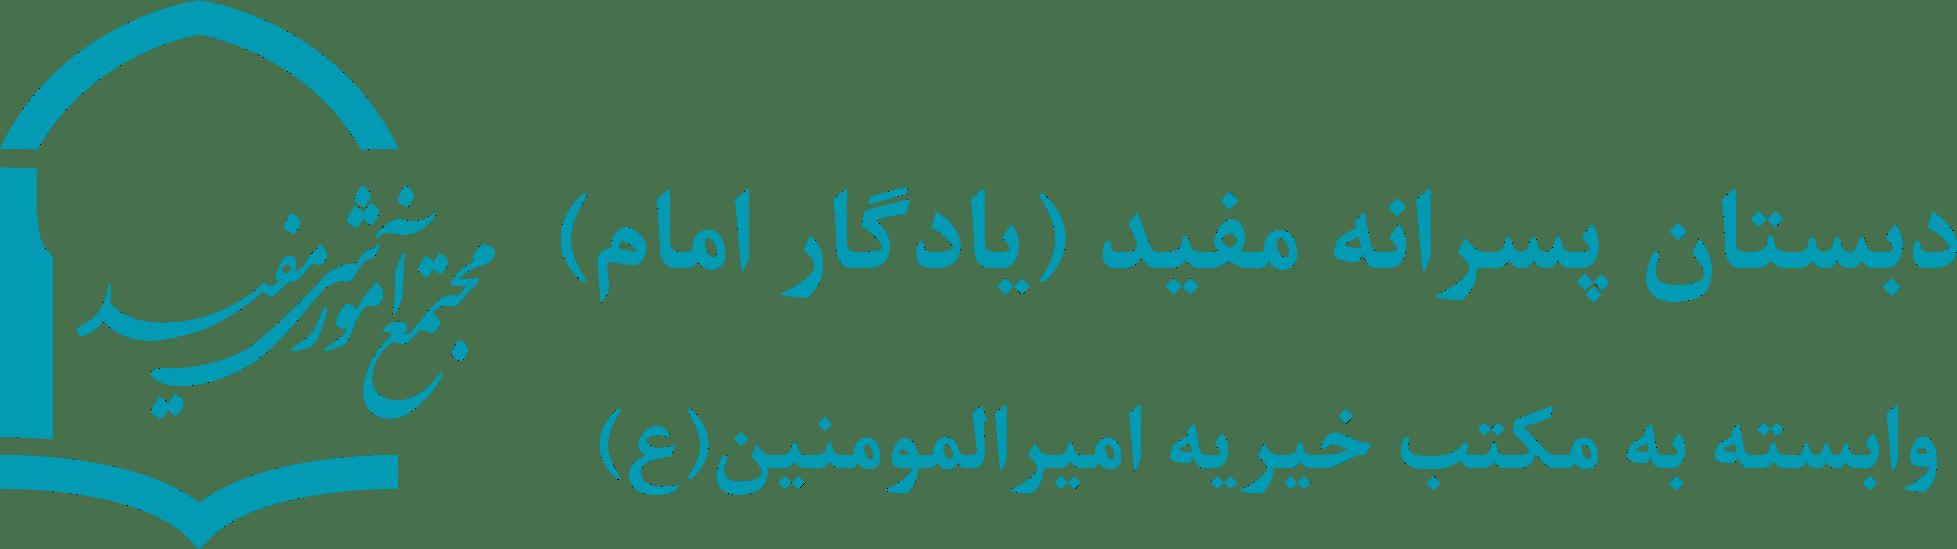 دبستان پسرانه مفید یادگار امام